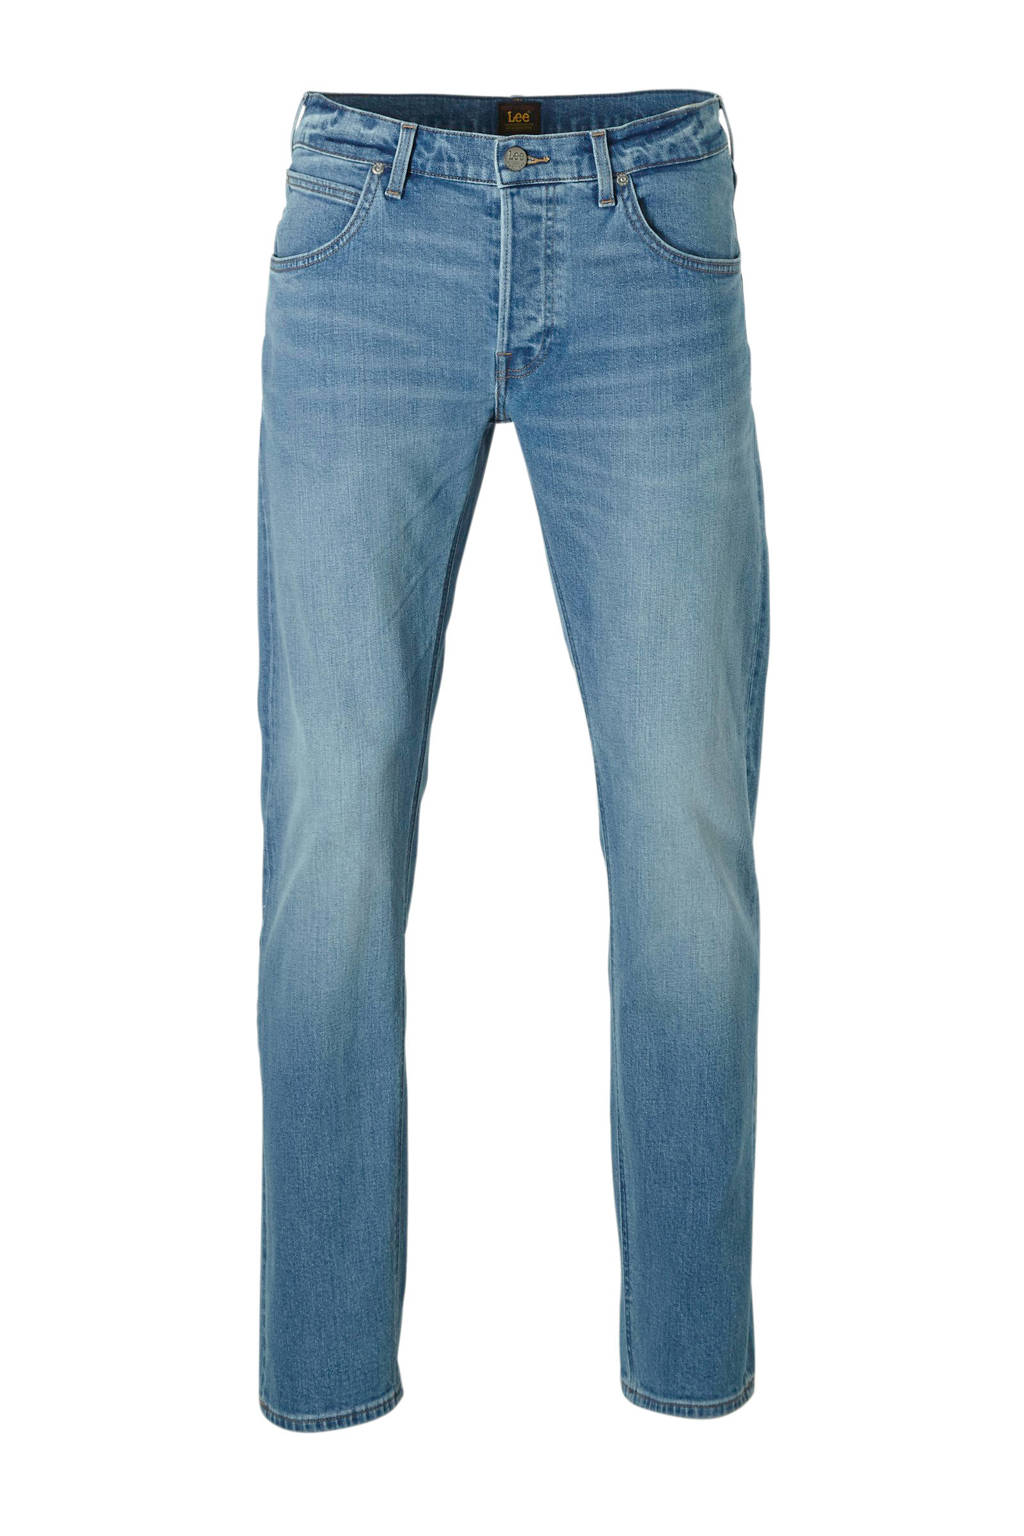 Lee regular fit jeans Daren jxzx light daze, JXZX LIGHT DAZE